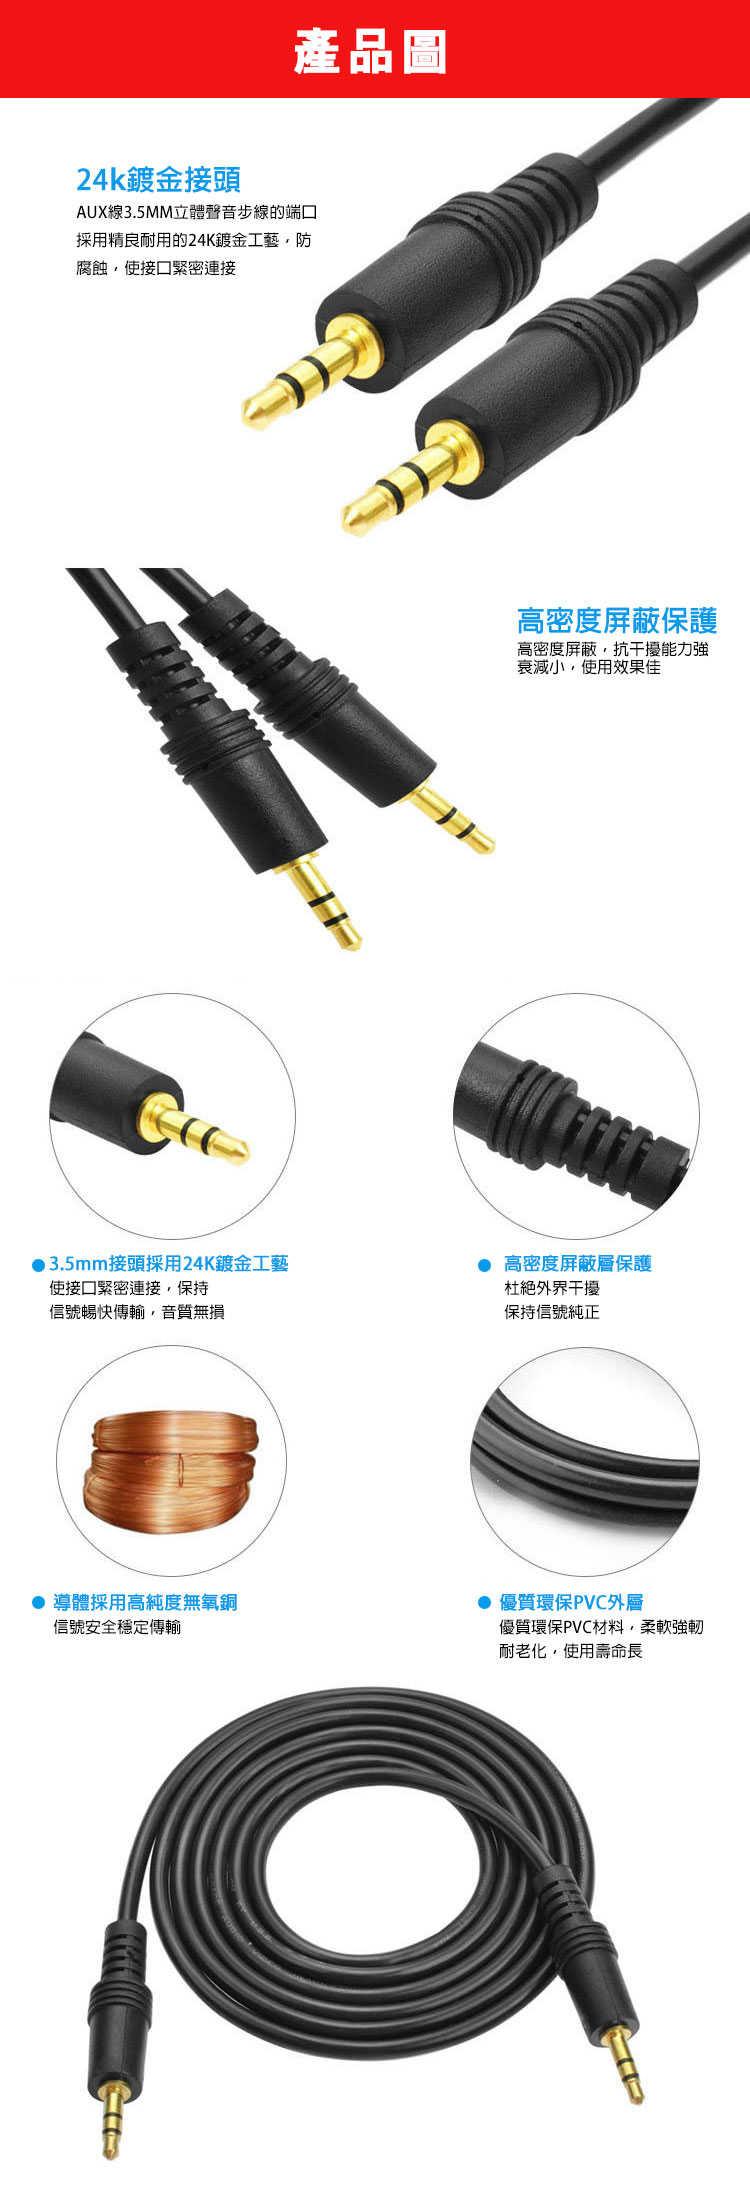 高保真3.5mm公對公AUX音源線 5米 (高純度無氧銅)